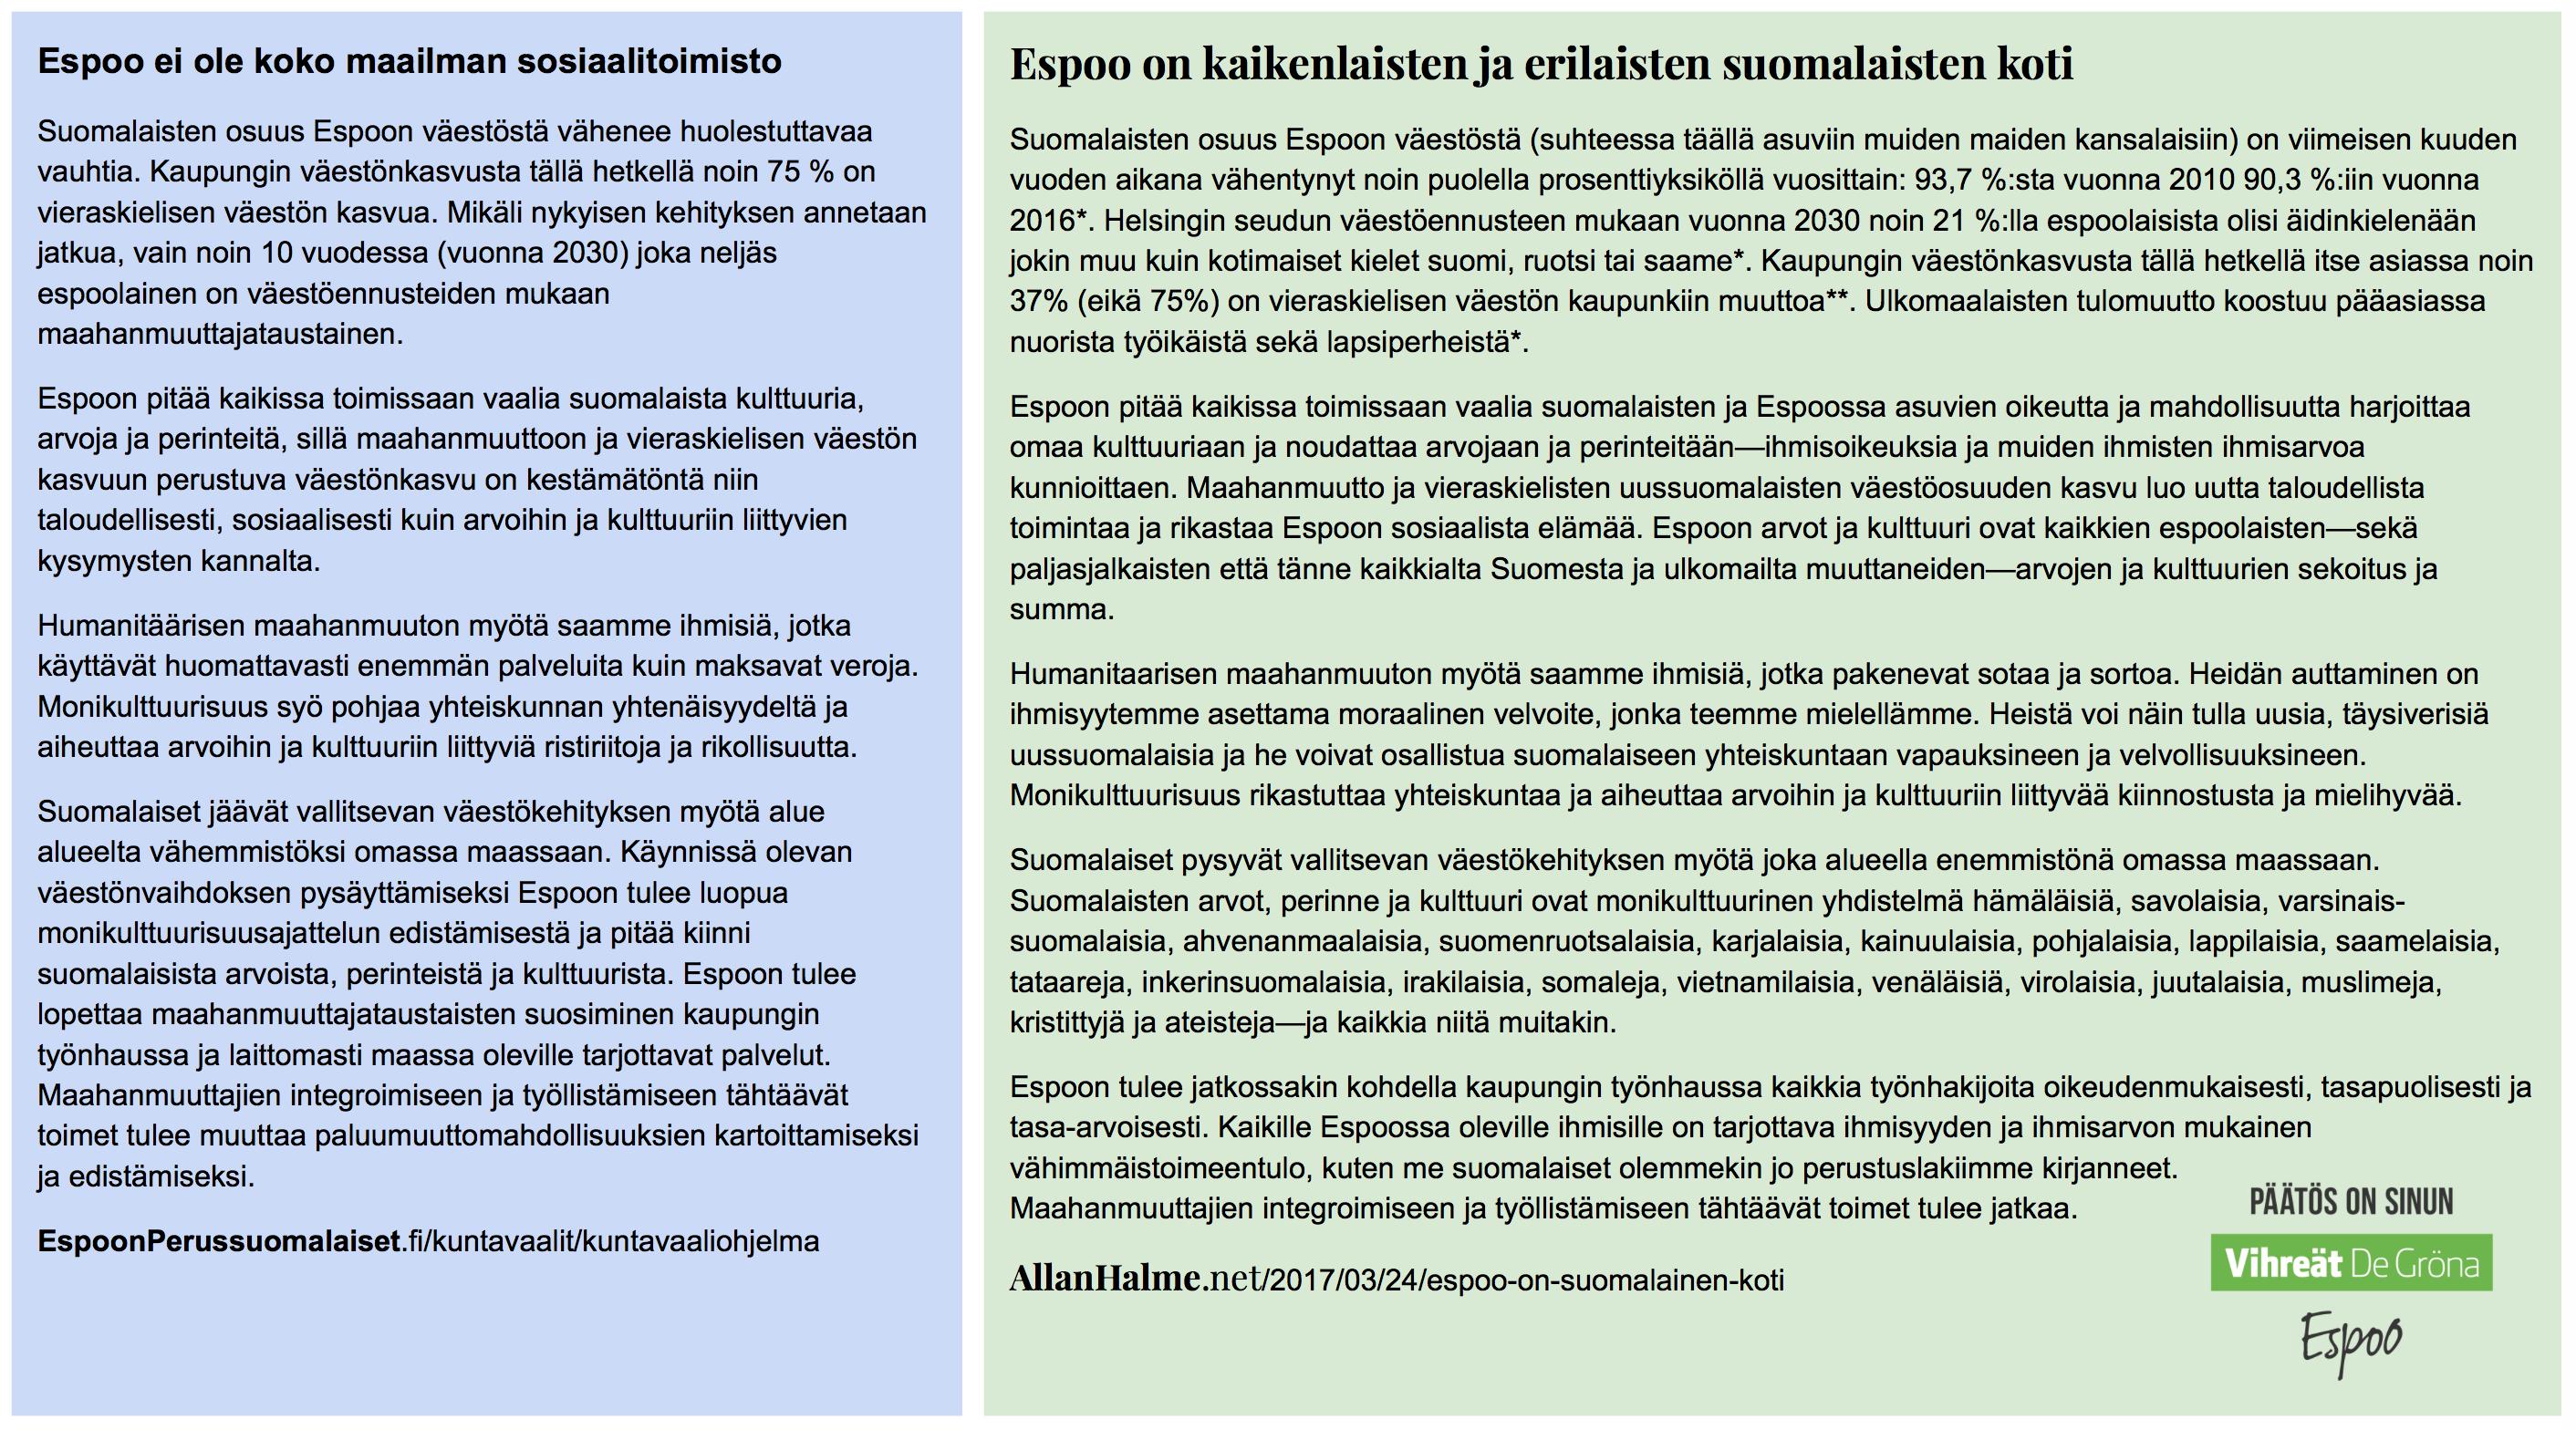 Espoo on kaikenlaisten ja erilaisten suomalaisten koti